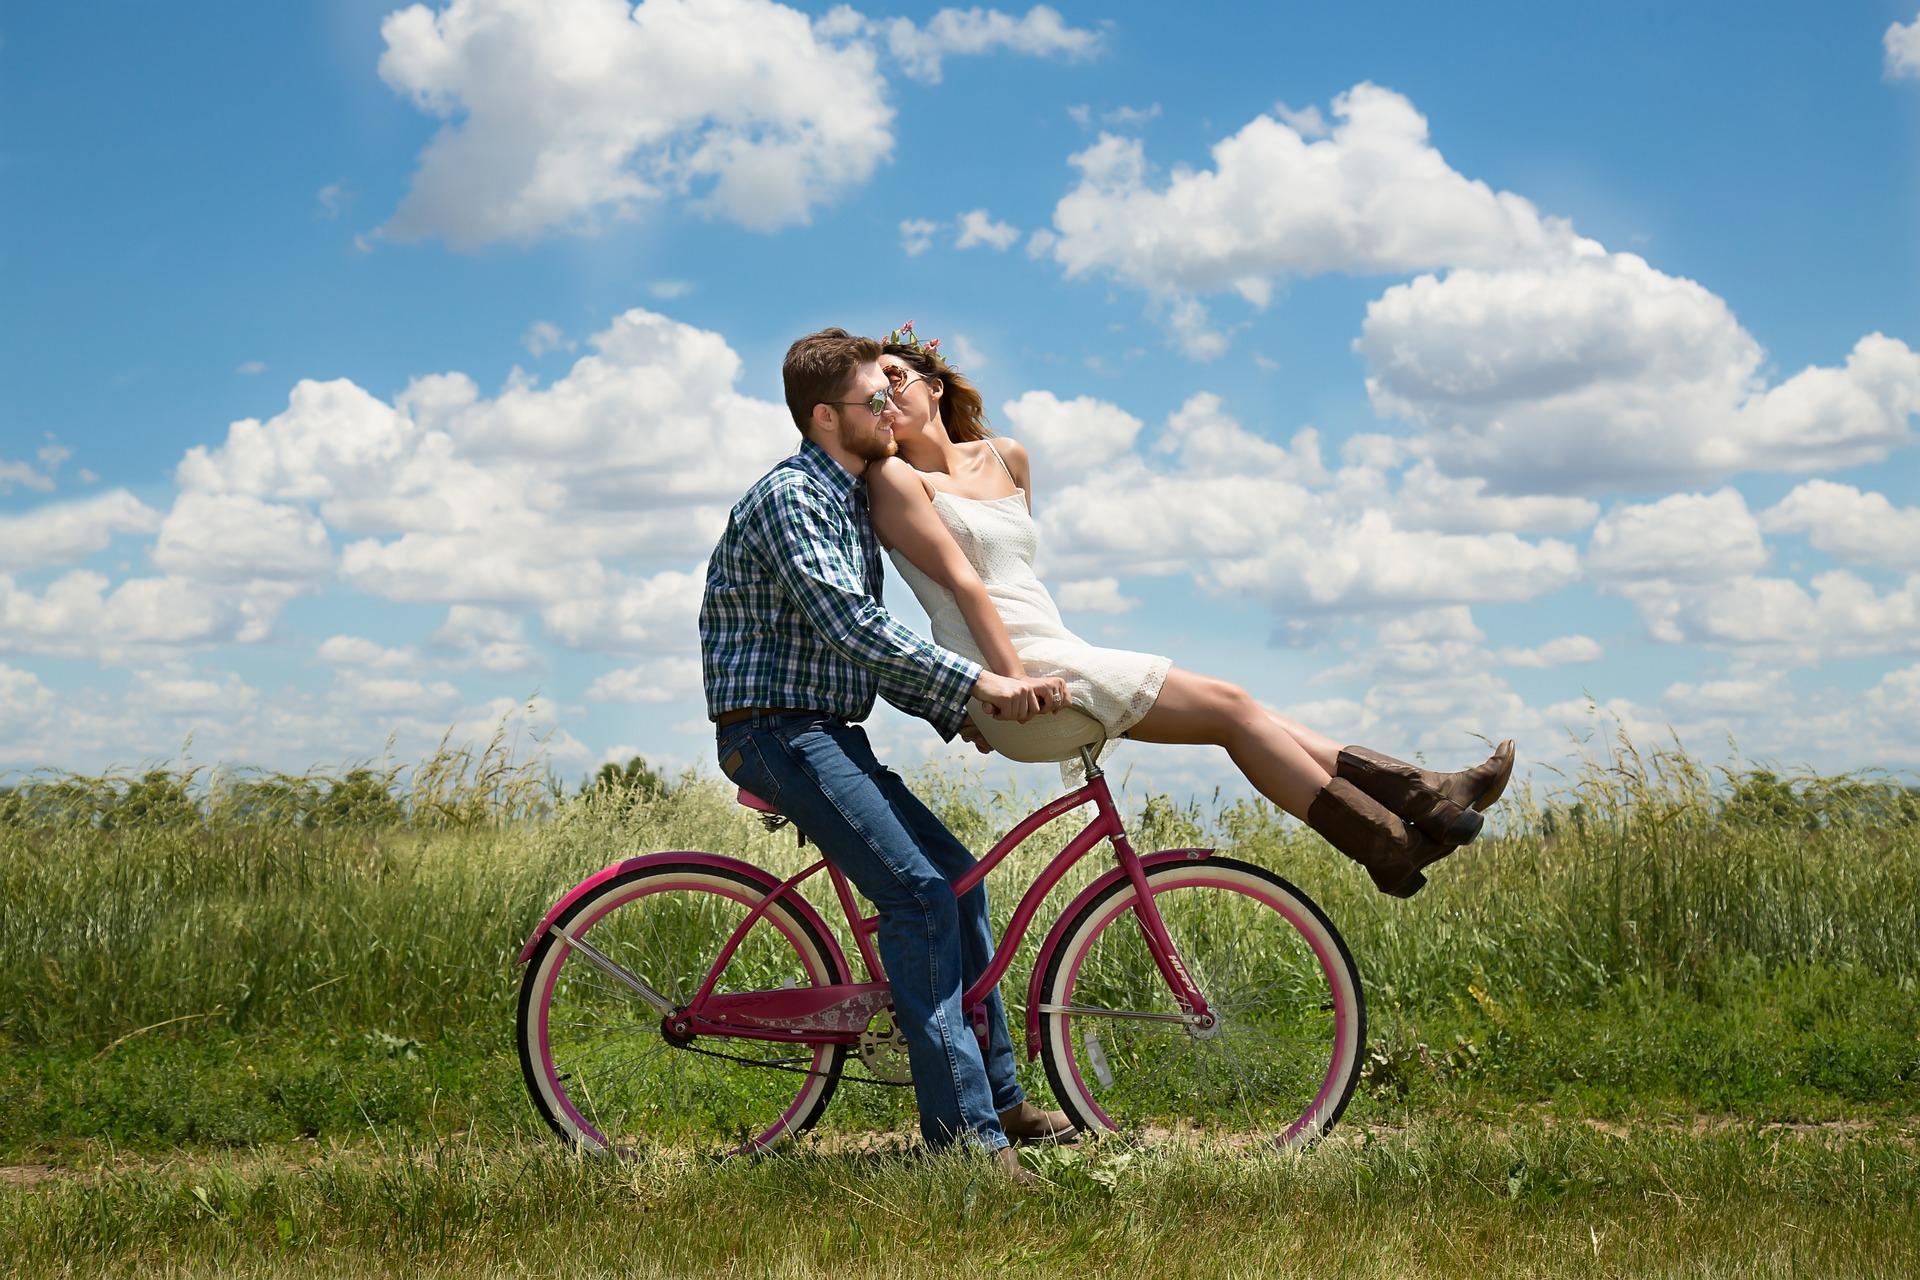 La bicicletta è il tuo luogo felice!